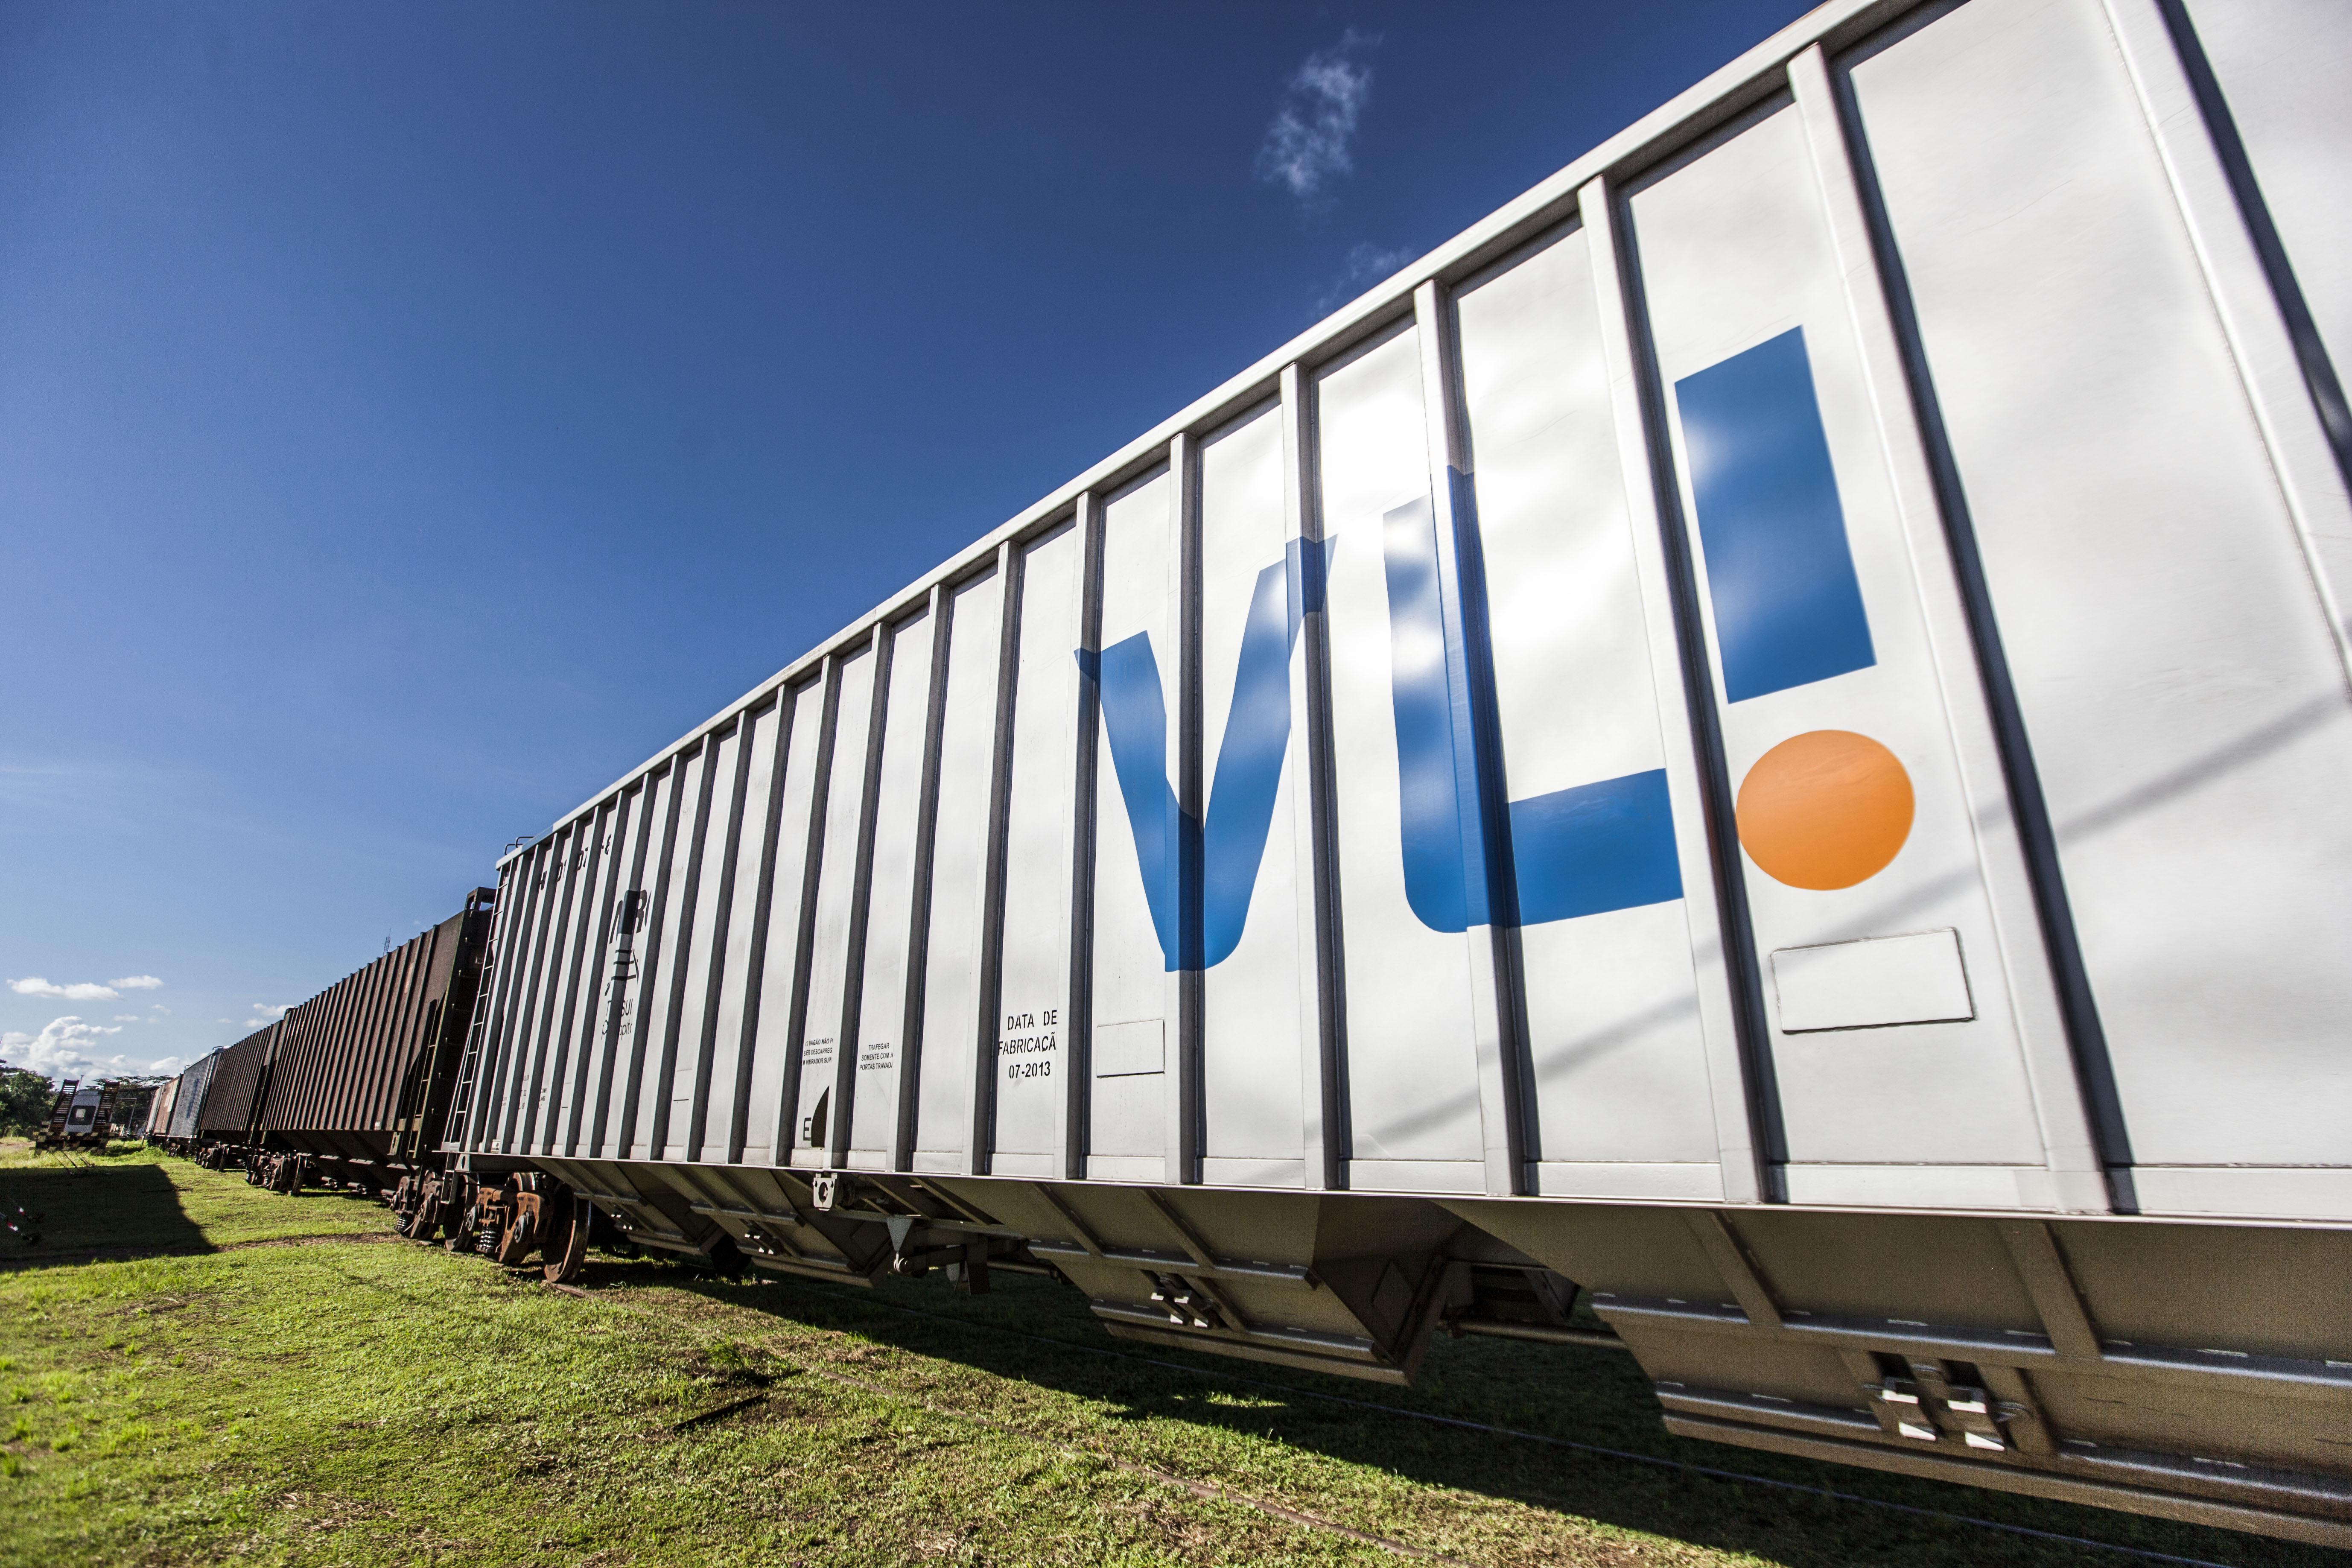 Imperatriz_MA, 19 de maio de 2014 Corporativo / VLI Producao de banco de imagens para a VLI, empresa de logistica que integra ferrovias, portos e terminais com ativos proprios e de terceiros.  Imagens produzidas na unidade de Imperatriz na ferrovia Norte Sul. Foto: NIDIN SANCHES / Divulgacao